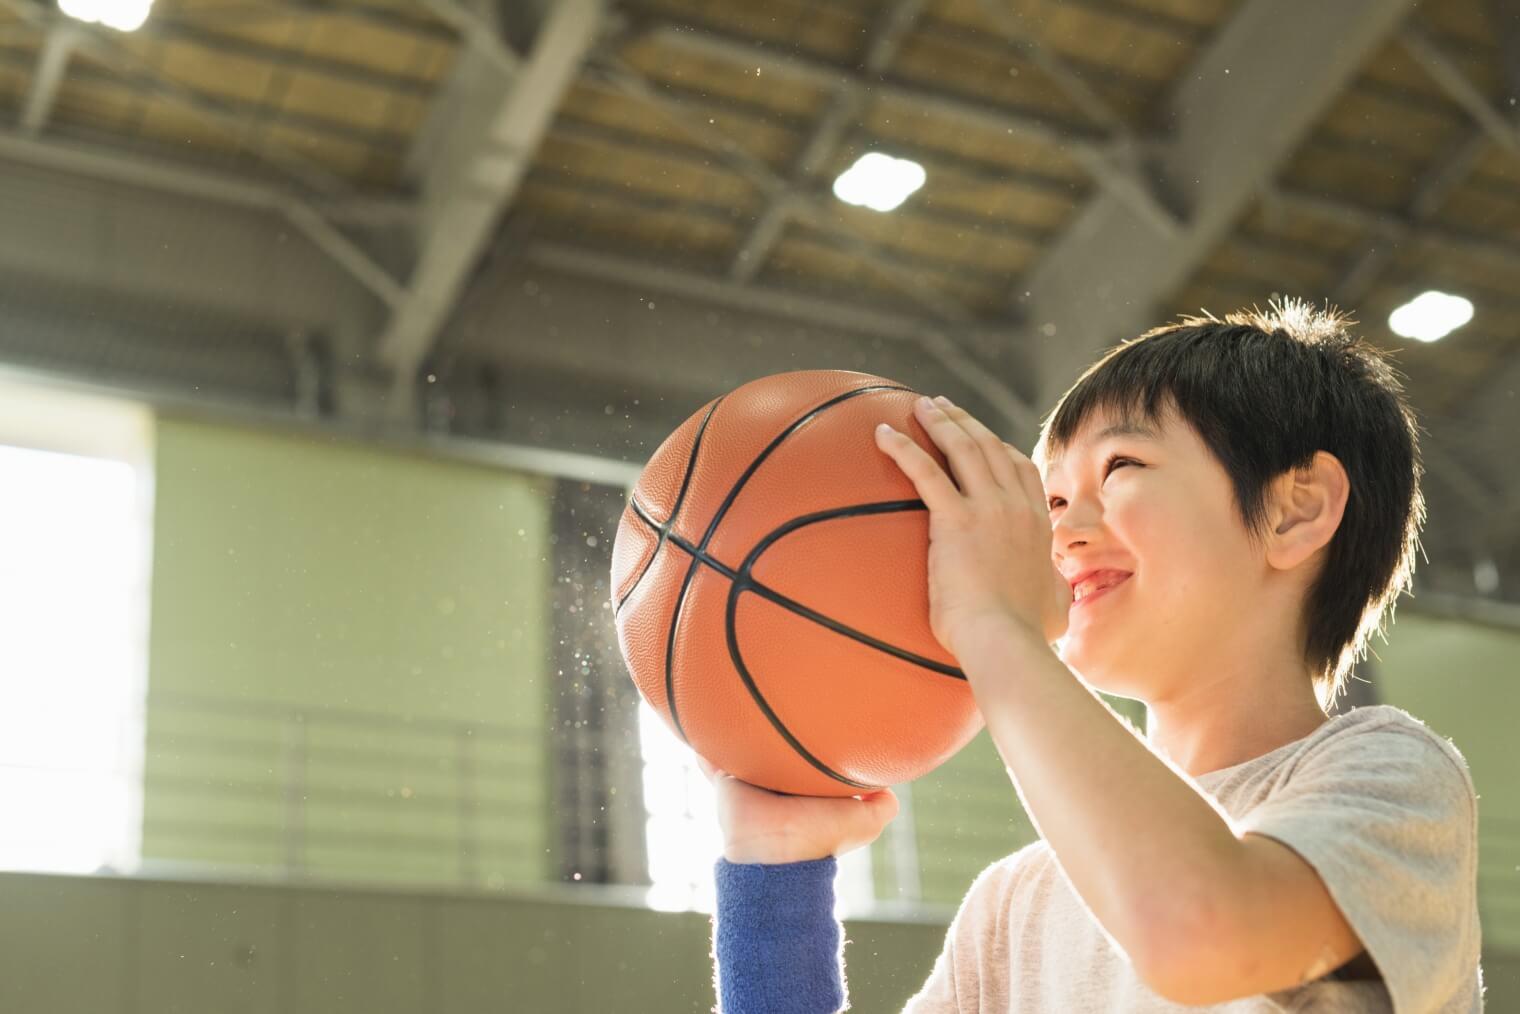 バッシュやボールのバスケット用品は正しい保管方法でカビから守ろう